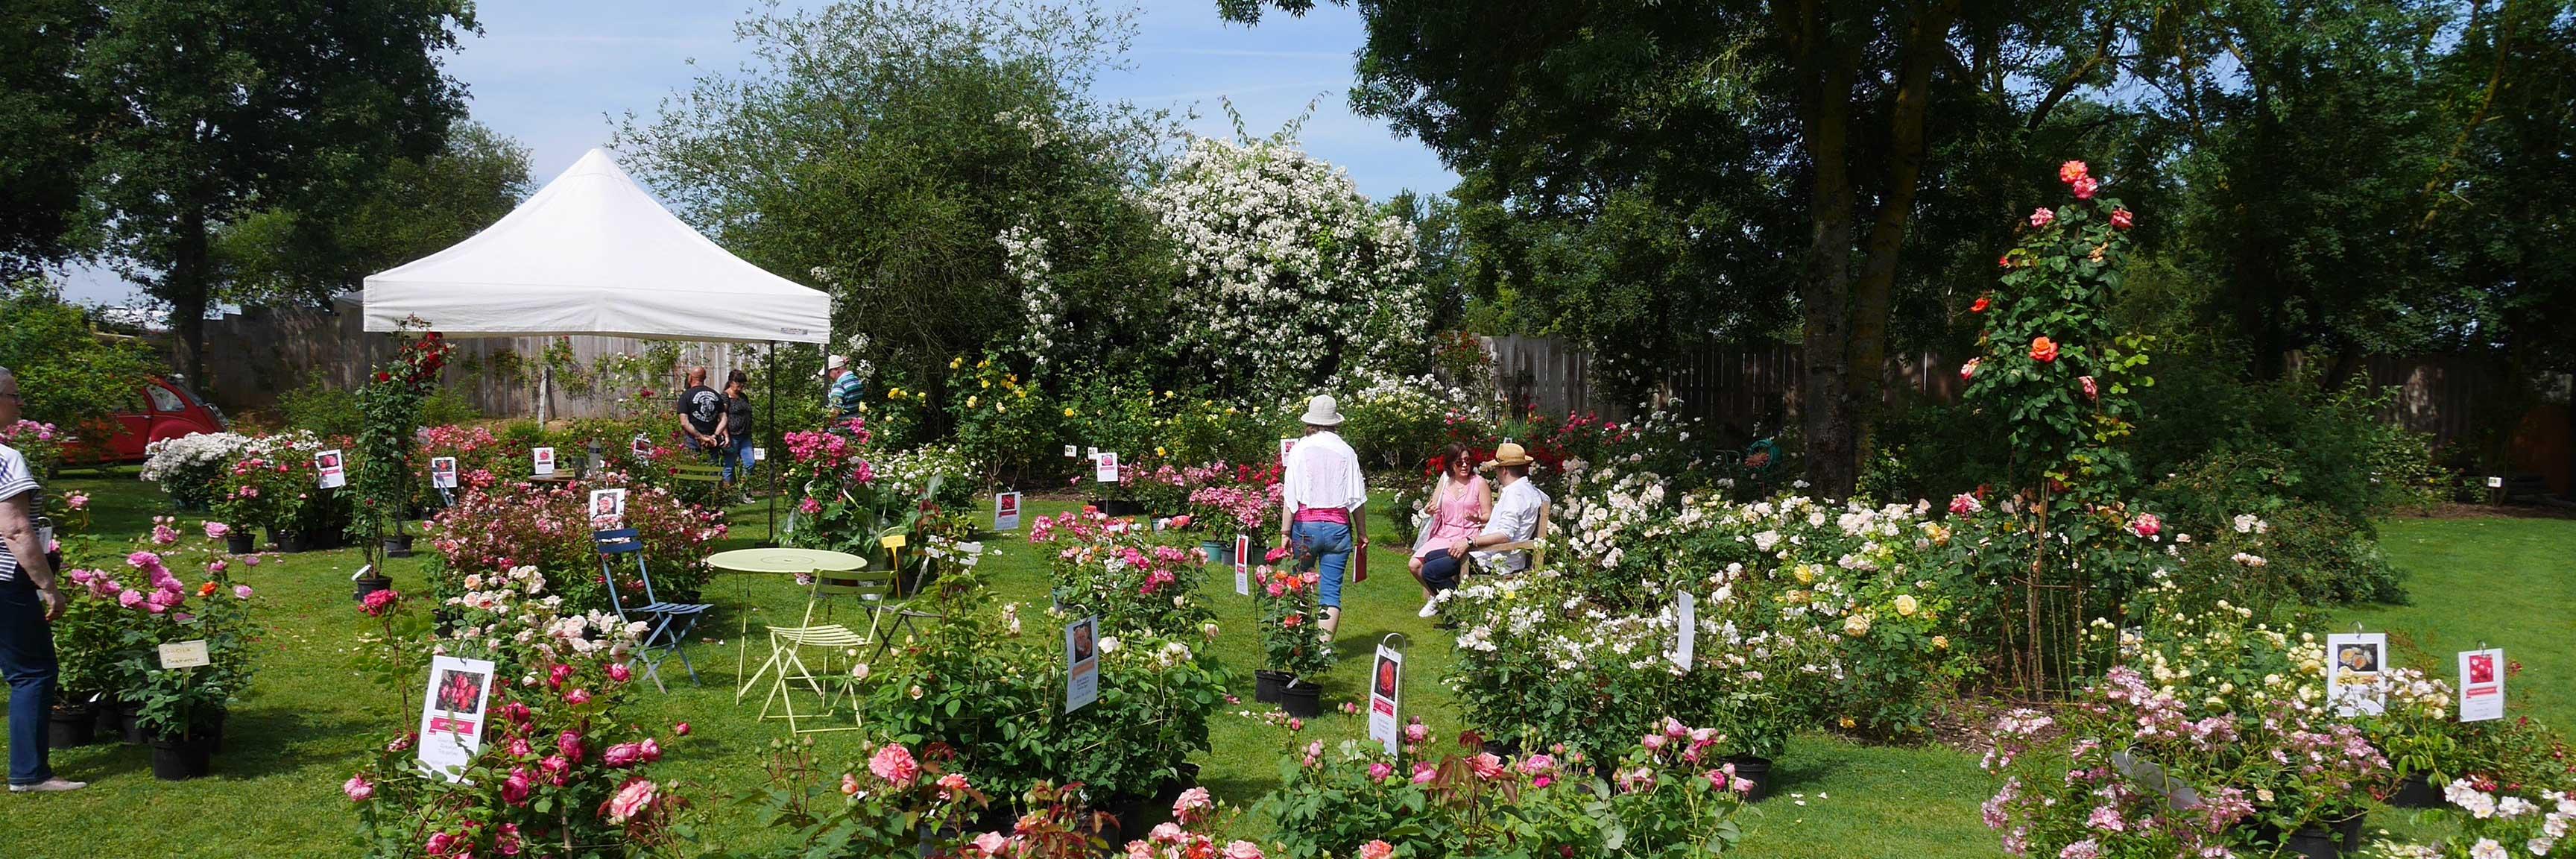 Les chemins de la rose : la fête des plantes